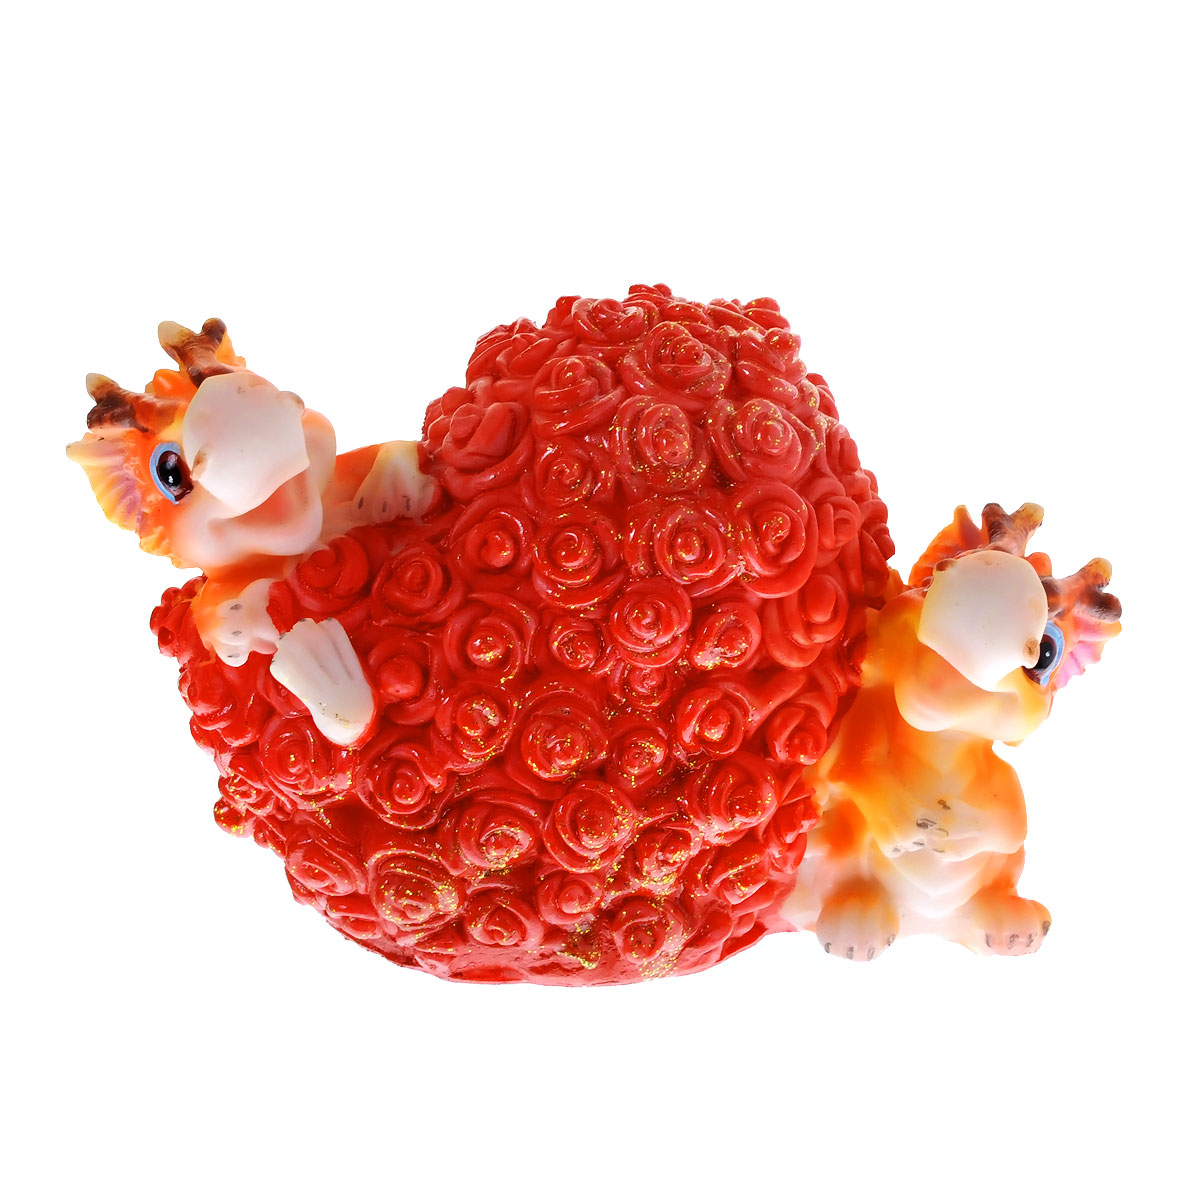 Копилка декоративная Lunten Ranta Дракон и миллион роз512-166Декоративная копилка Lunten Ranta Дракон и миллион роз, выполненная из полирезины, станет отличным украшением интерьера вашего дома или офиса. Копилка выполнена в виде двух забавных дракончиков и сердечка из роз. Имеется прорезь для монеток и отверстие на дне изделия, закрывающееся на резиновую пробку, для извлечения денег.Копилка - это оригинальный и нужный подарок на все случаи жизни. Также она может стать оригинальным подарком для всех любителей стильных вещей. Размер статуэтки: 12 см х 9 см х 7 см.